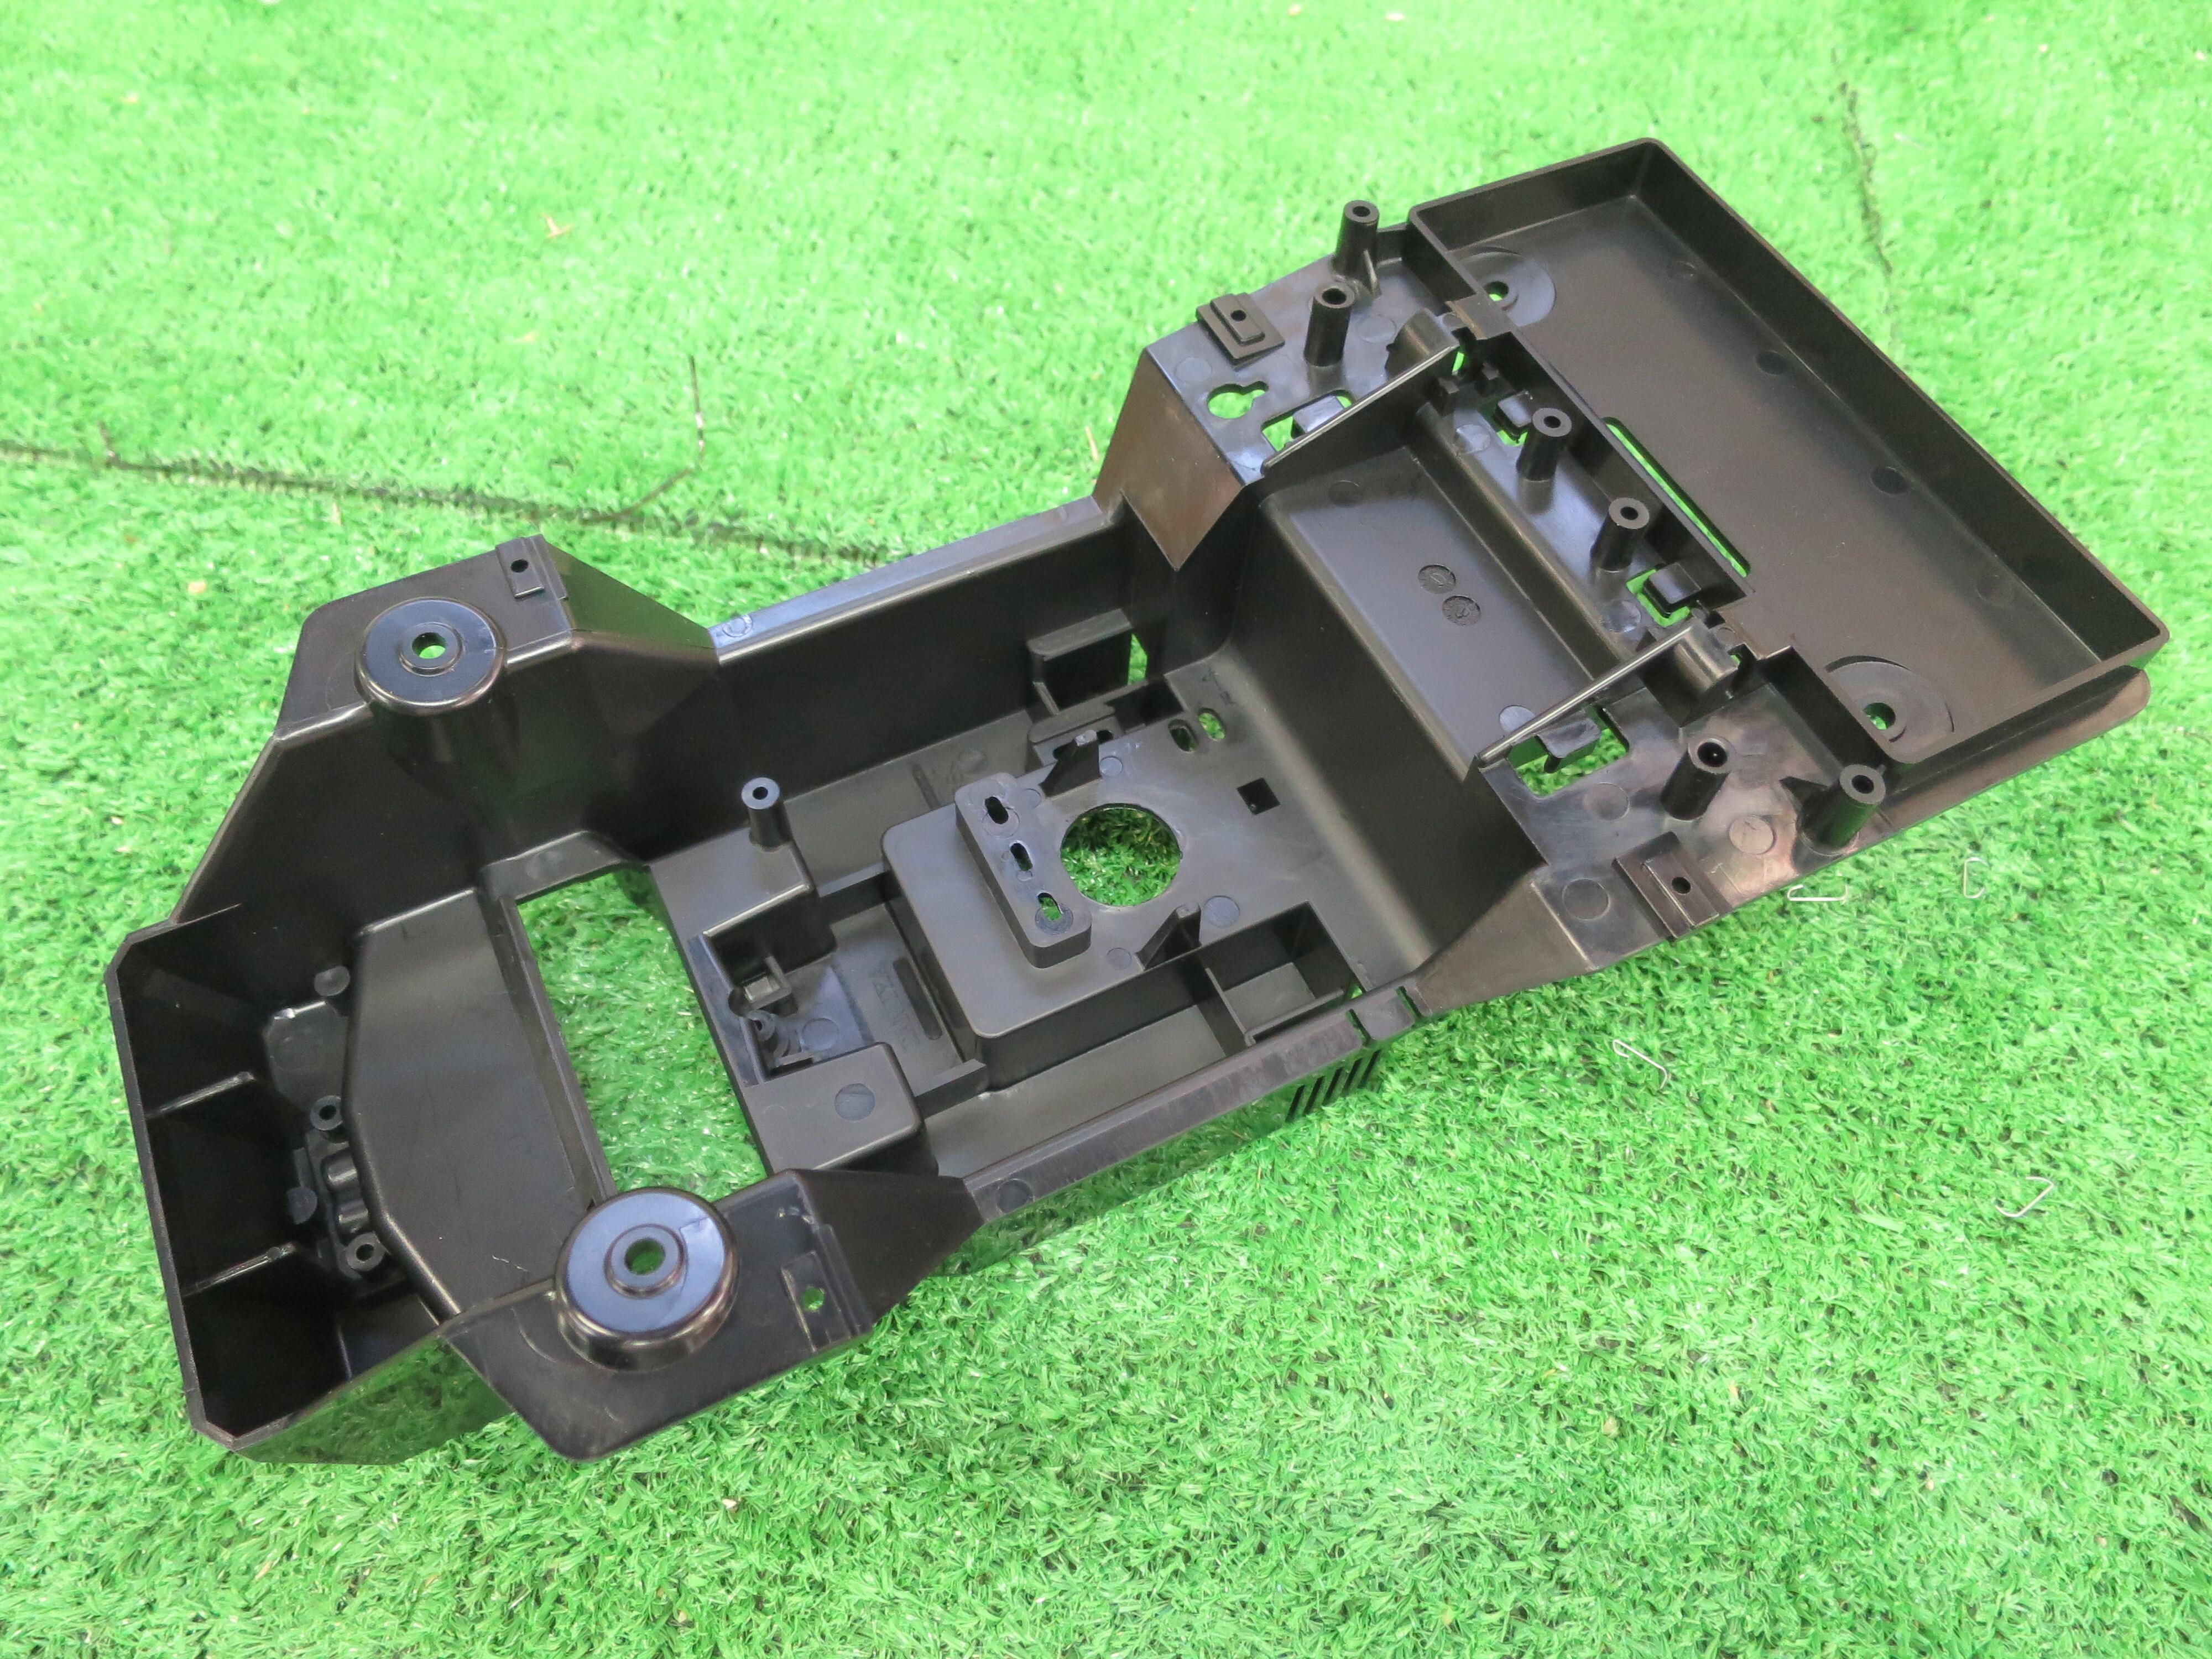 タミヤ CW-01系 シャーシ部品 0335081 アフターパーツ